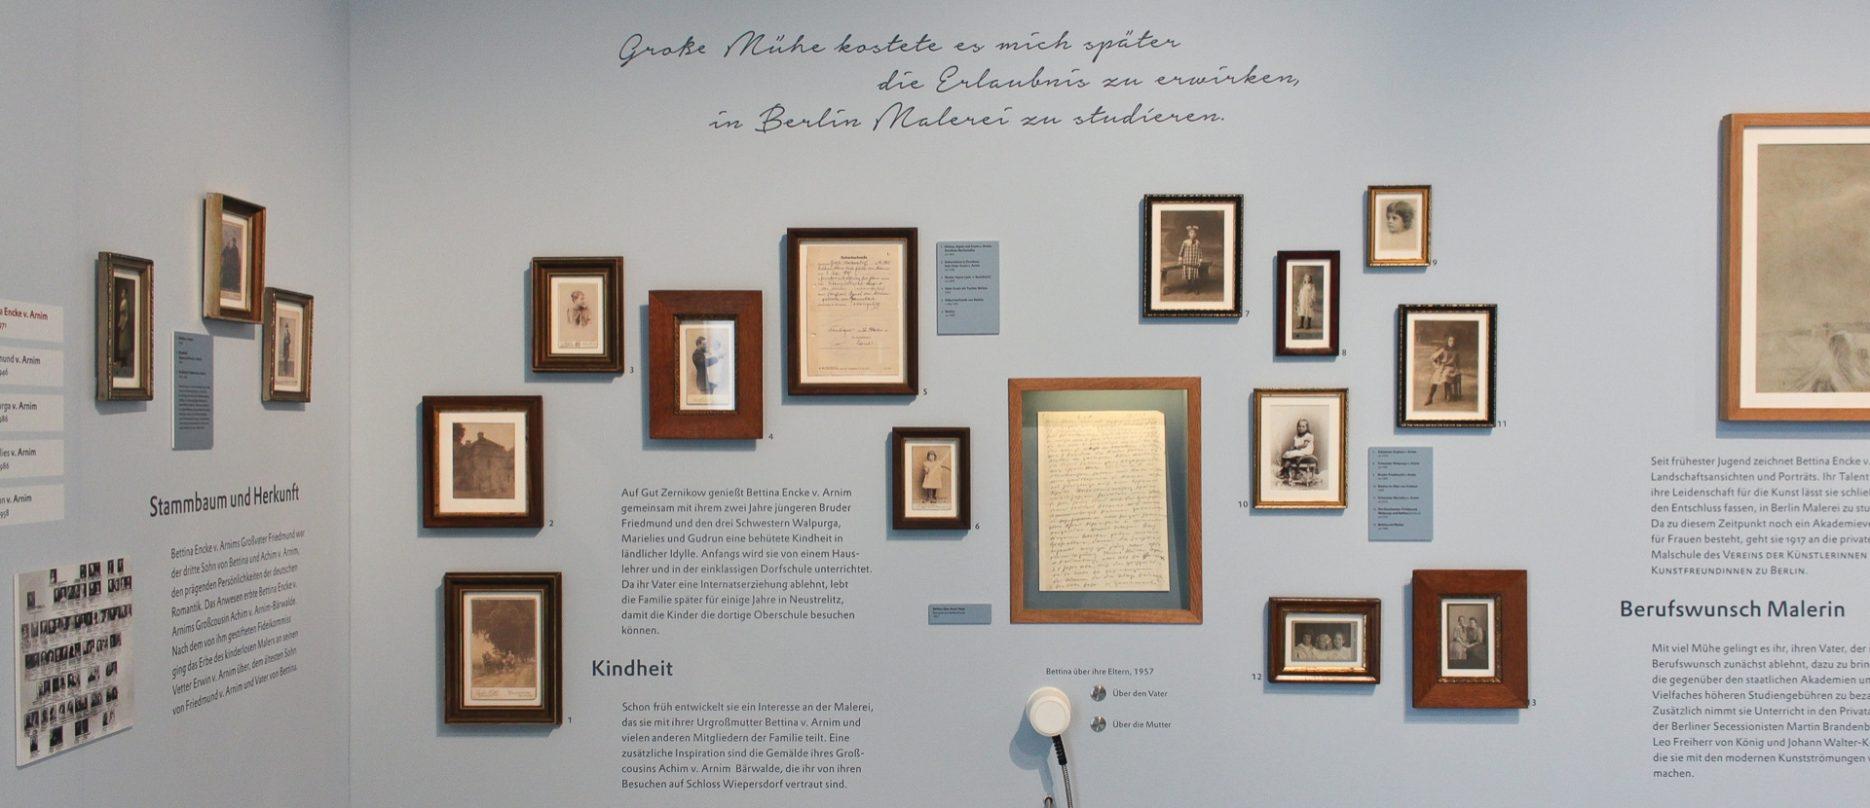 """Wandausschnitt der Ausstellung """"Kunst und Leben – Leben und Kunst"""" mit kleinformatigen gerahmten Schwarz-Weiß-Fotografien und Wandtexten"""